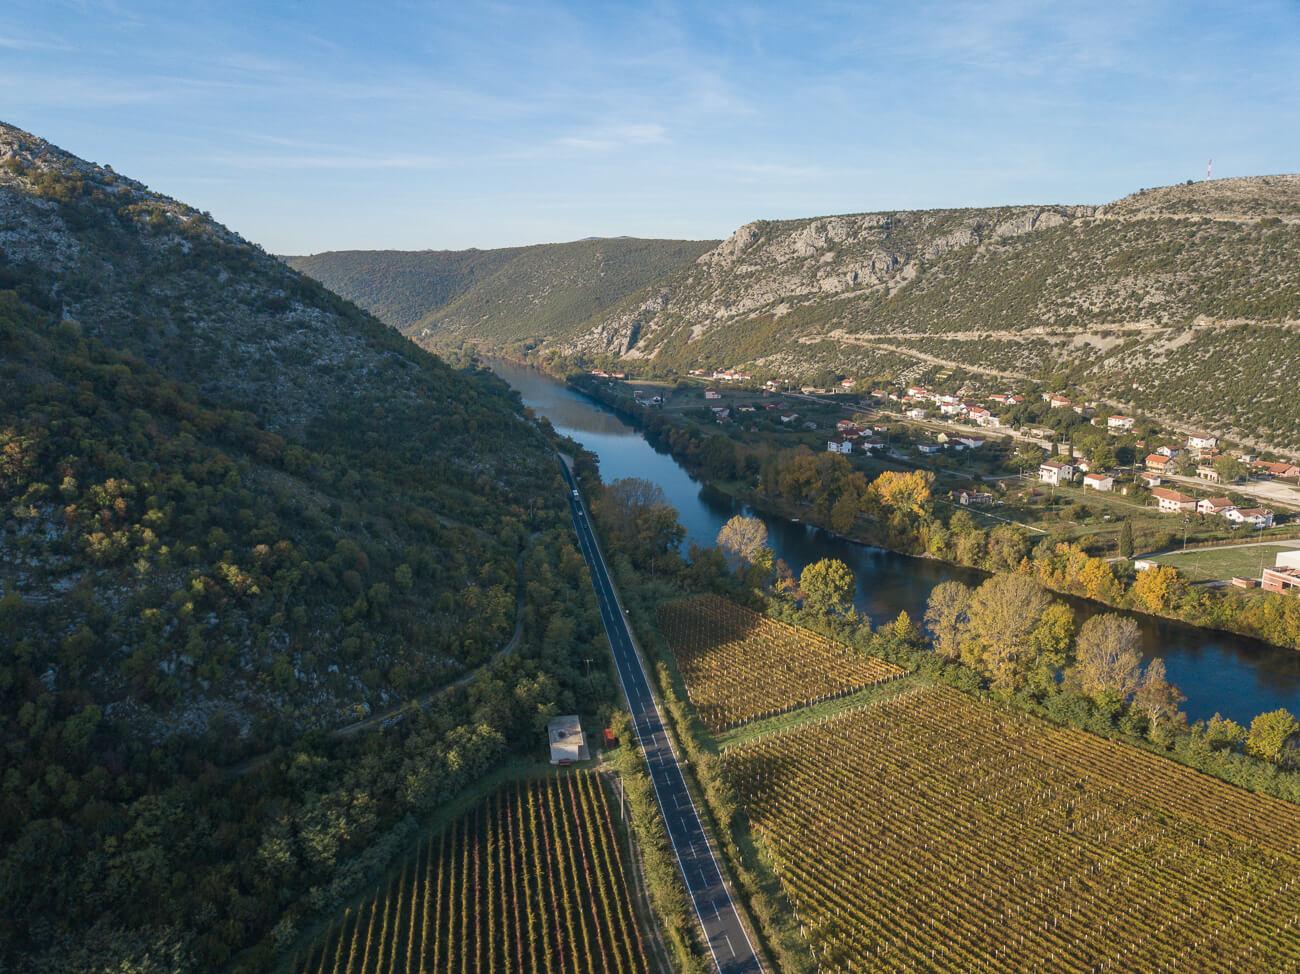 Tasting wine in Herzegovina